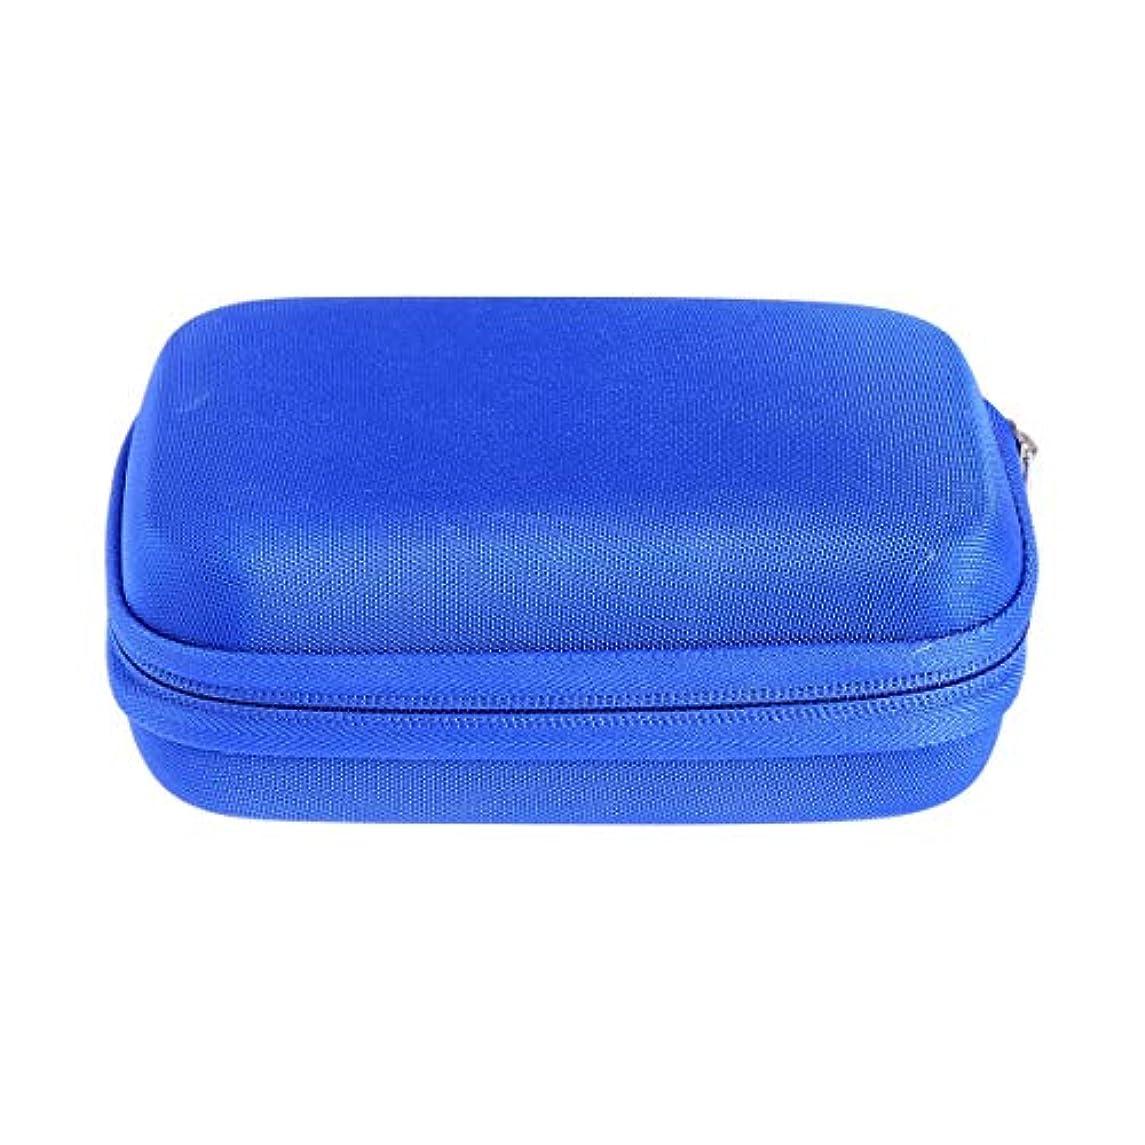 ぐったり包帯チャンピオンシップSUPVOX エッセンシャルオイルバッグキャリングケースオーガナイザーローラーボトル収納袋10スロットハードシェルオイルケースホルダー(ブルー)